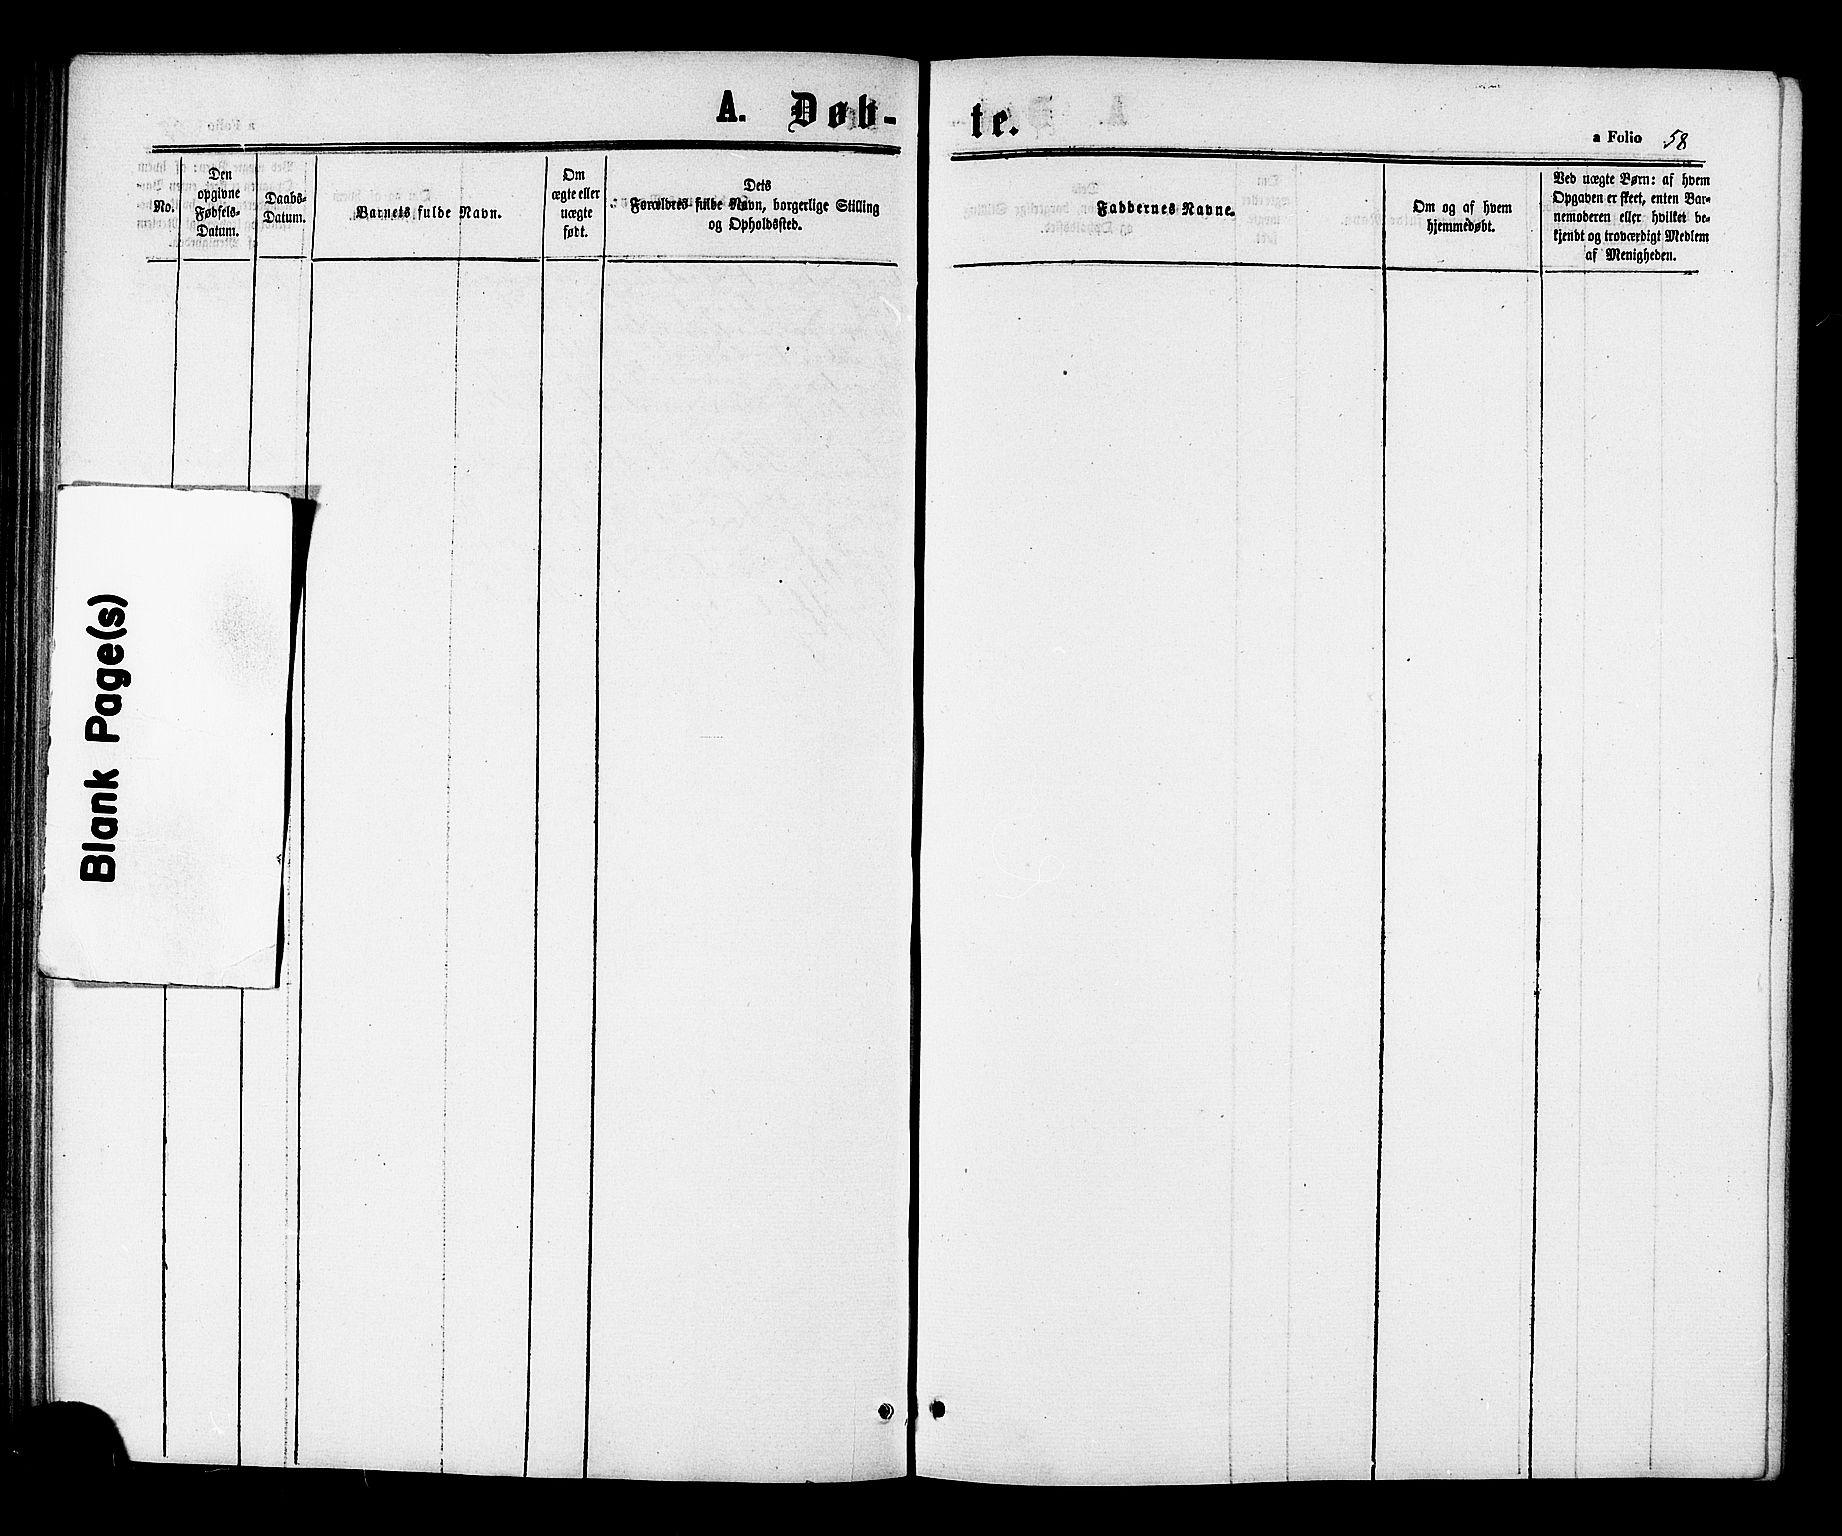 SAT, Ministerialprotokoller, klokkerbøker og fødselsregistre - Sør-Trøndelag, 698/L1163: Ministerialbok nr. 698A01, 1862-1887, s. 58